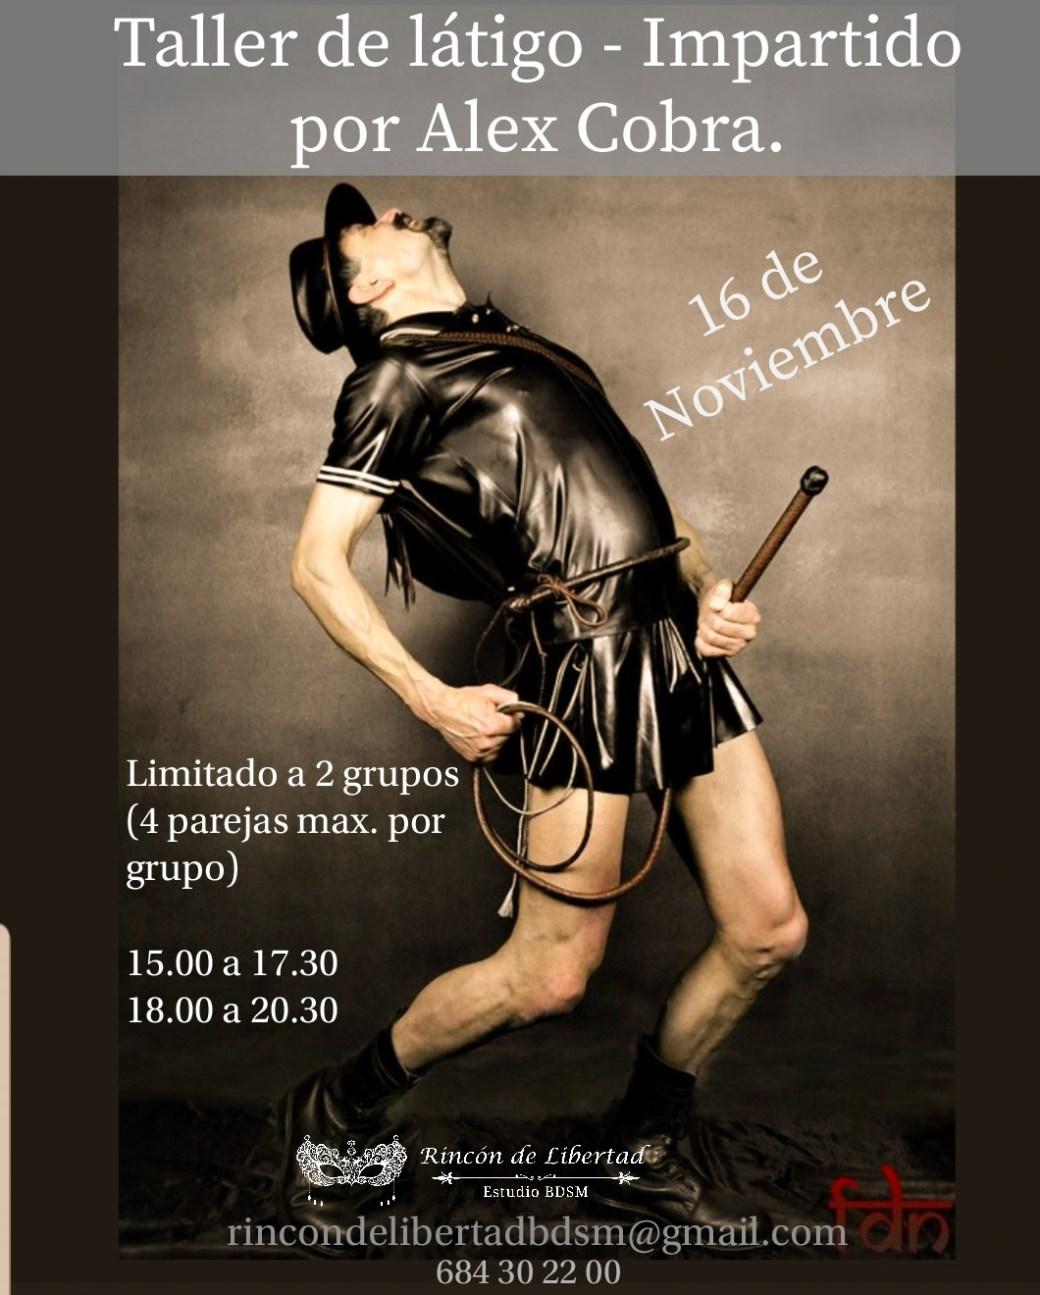 Alex Cobra Evento